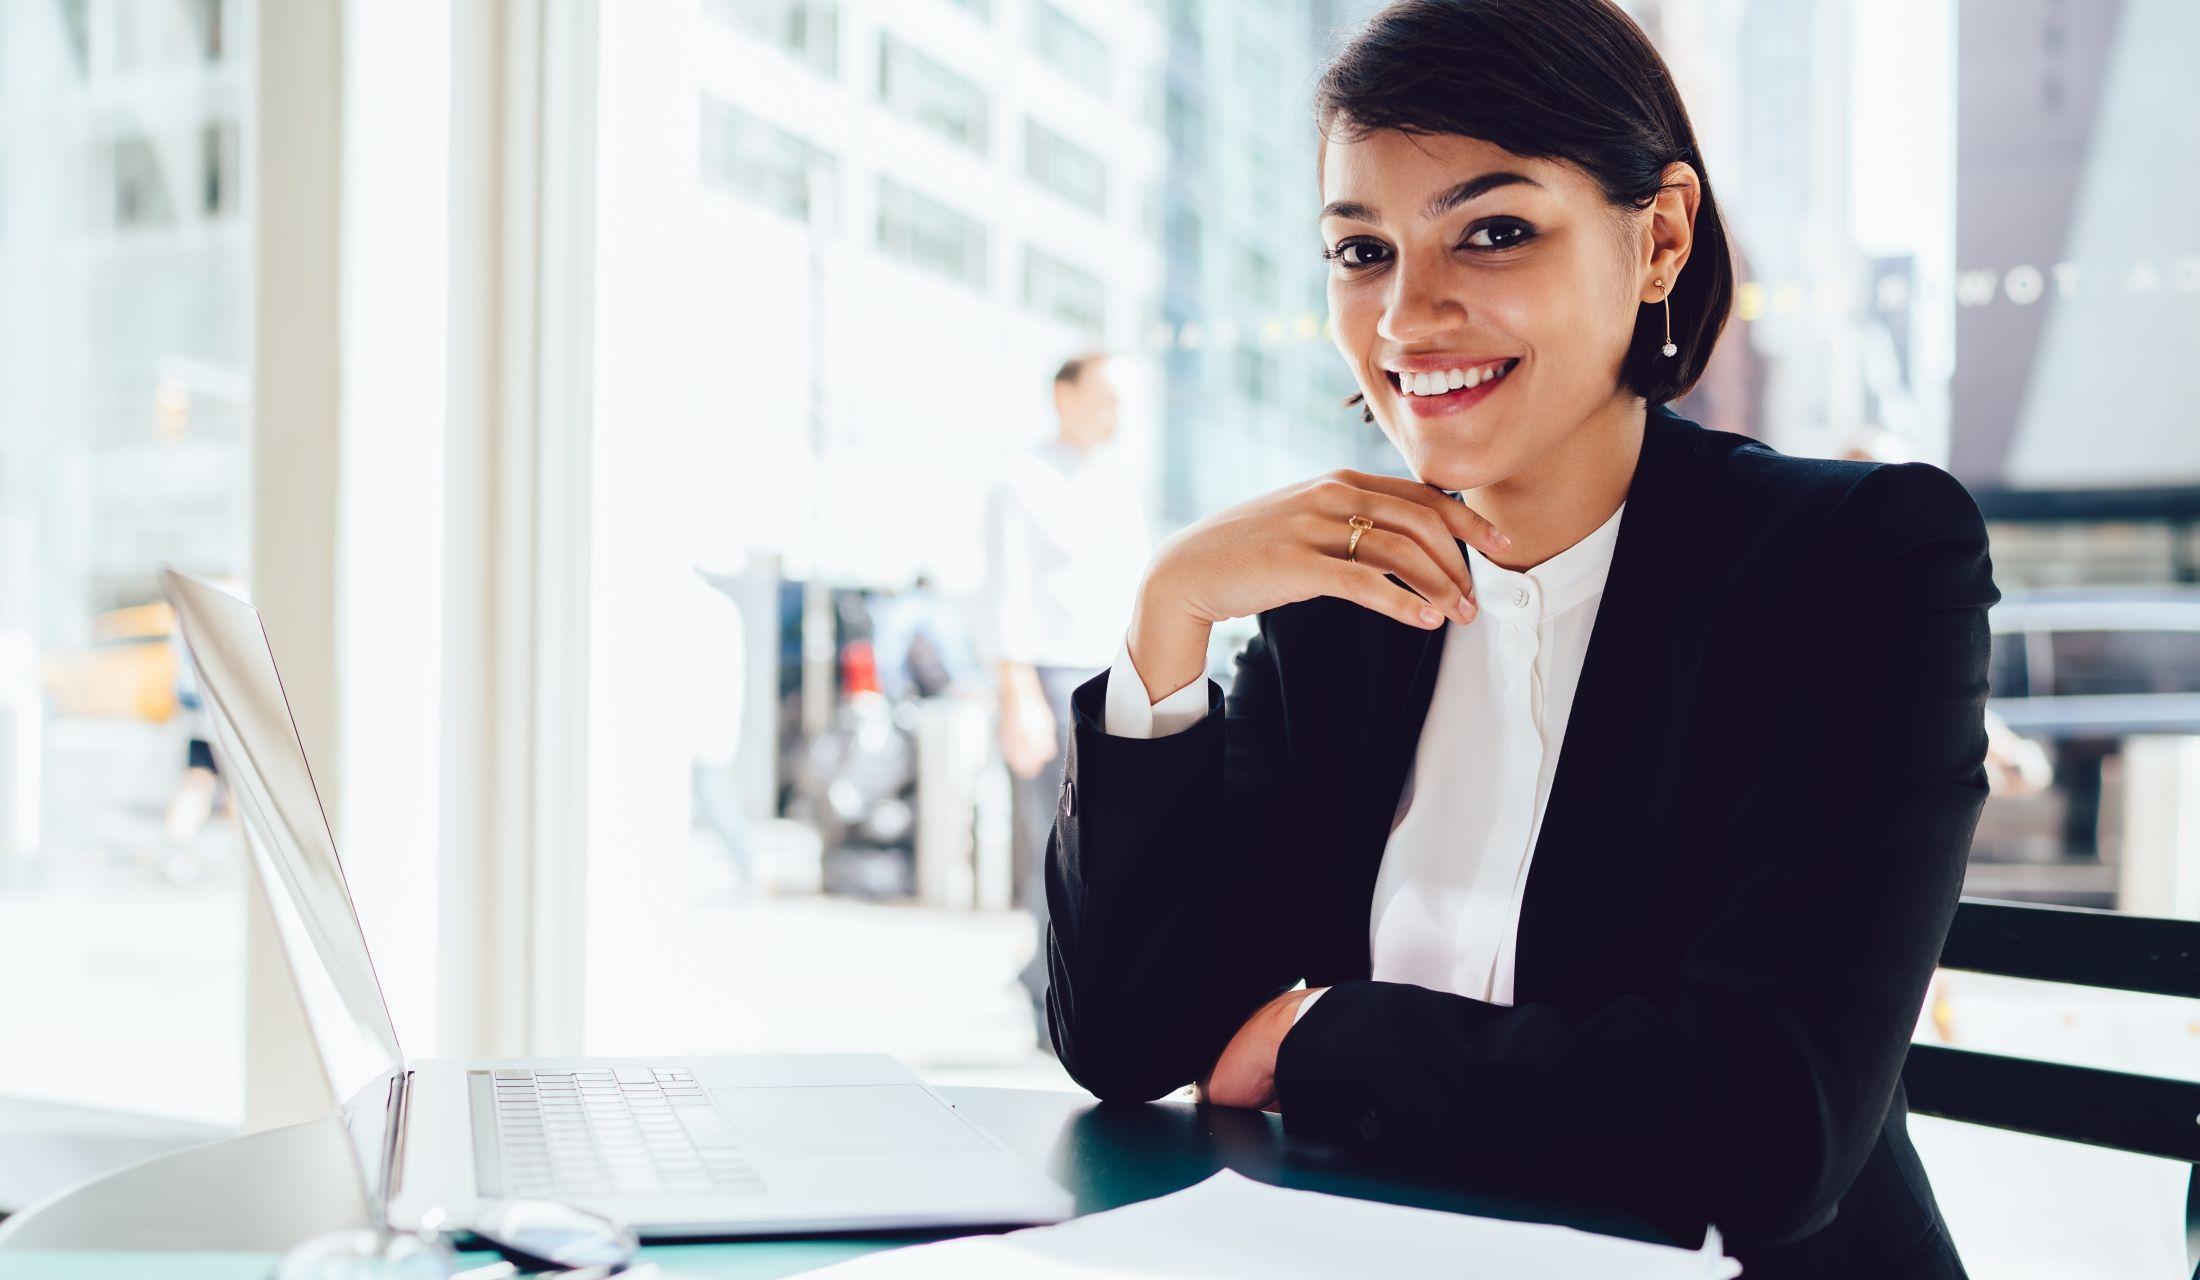 ニューヨークの女性弁護士は超コンサバ日米比較でわかった